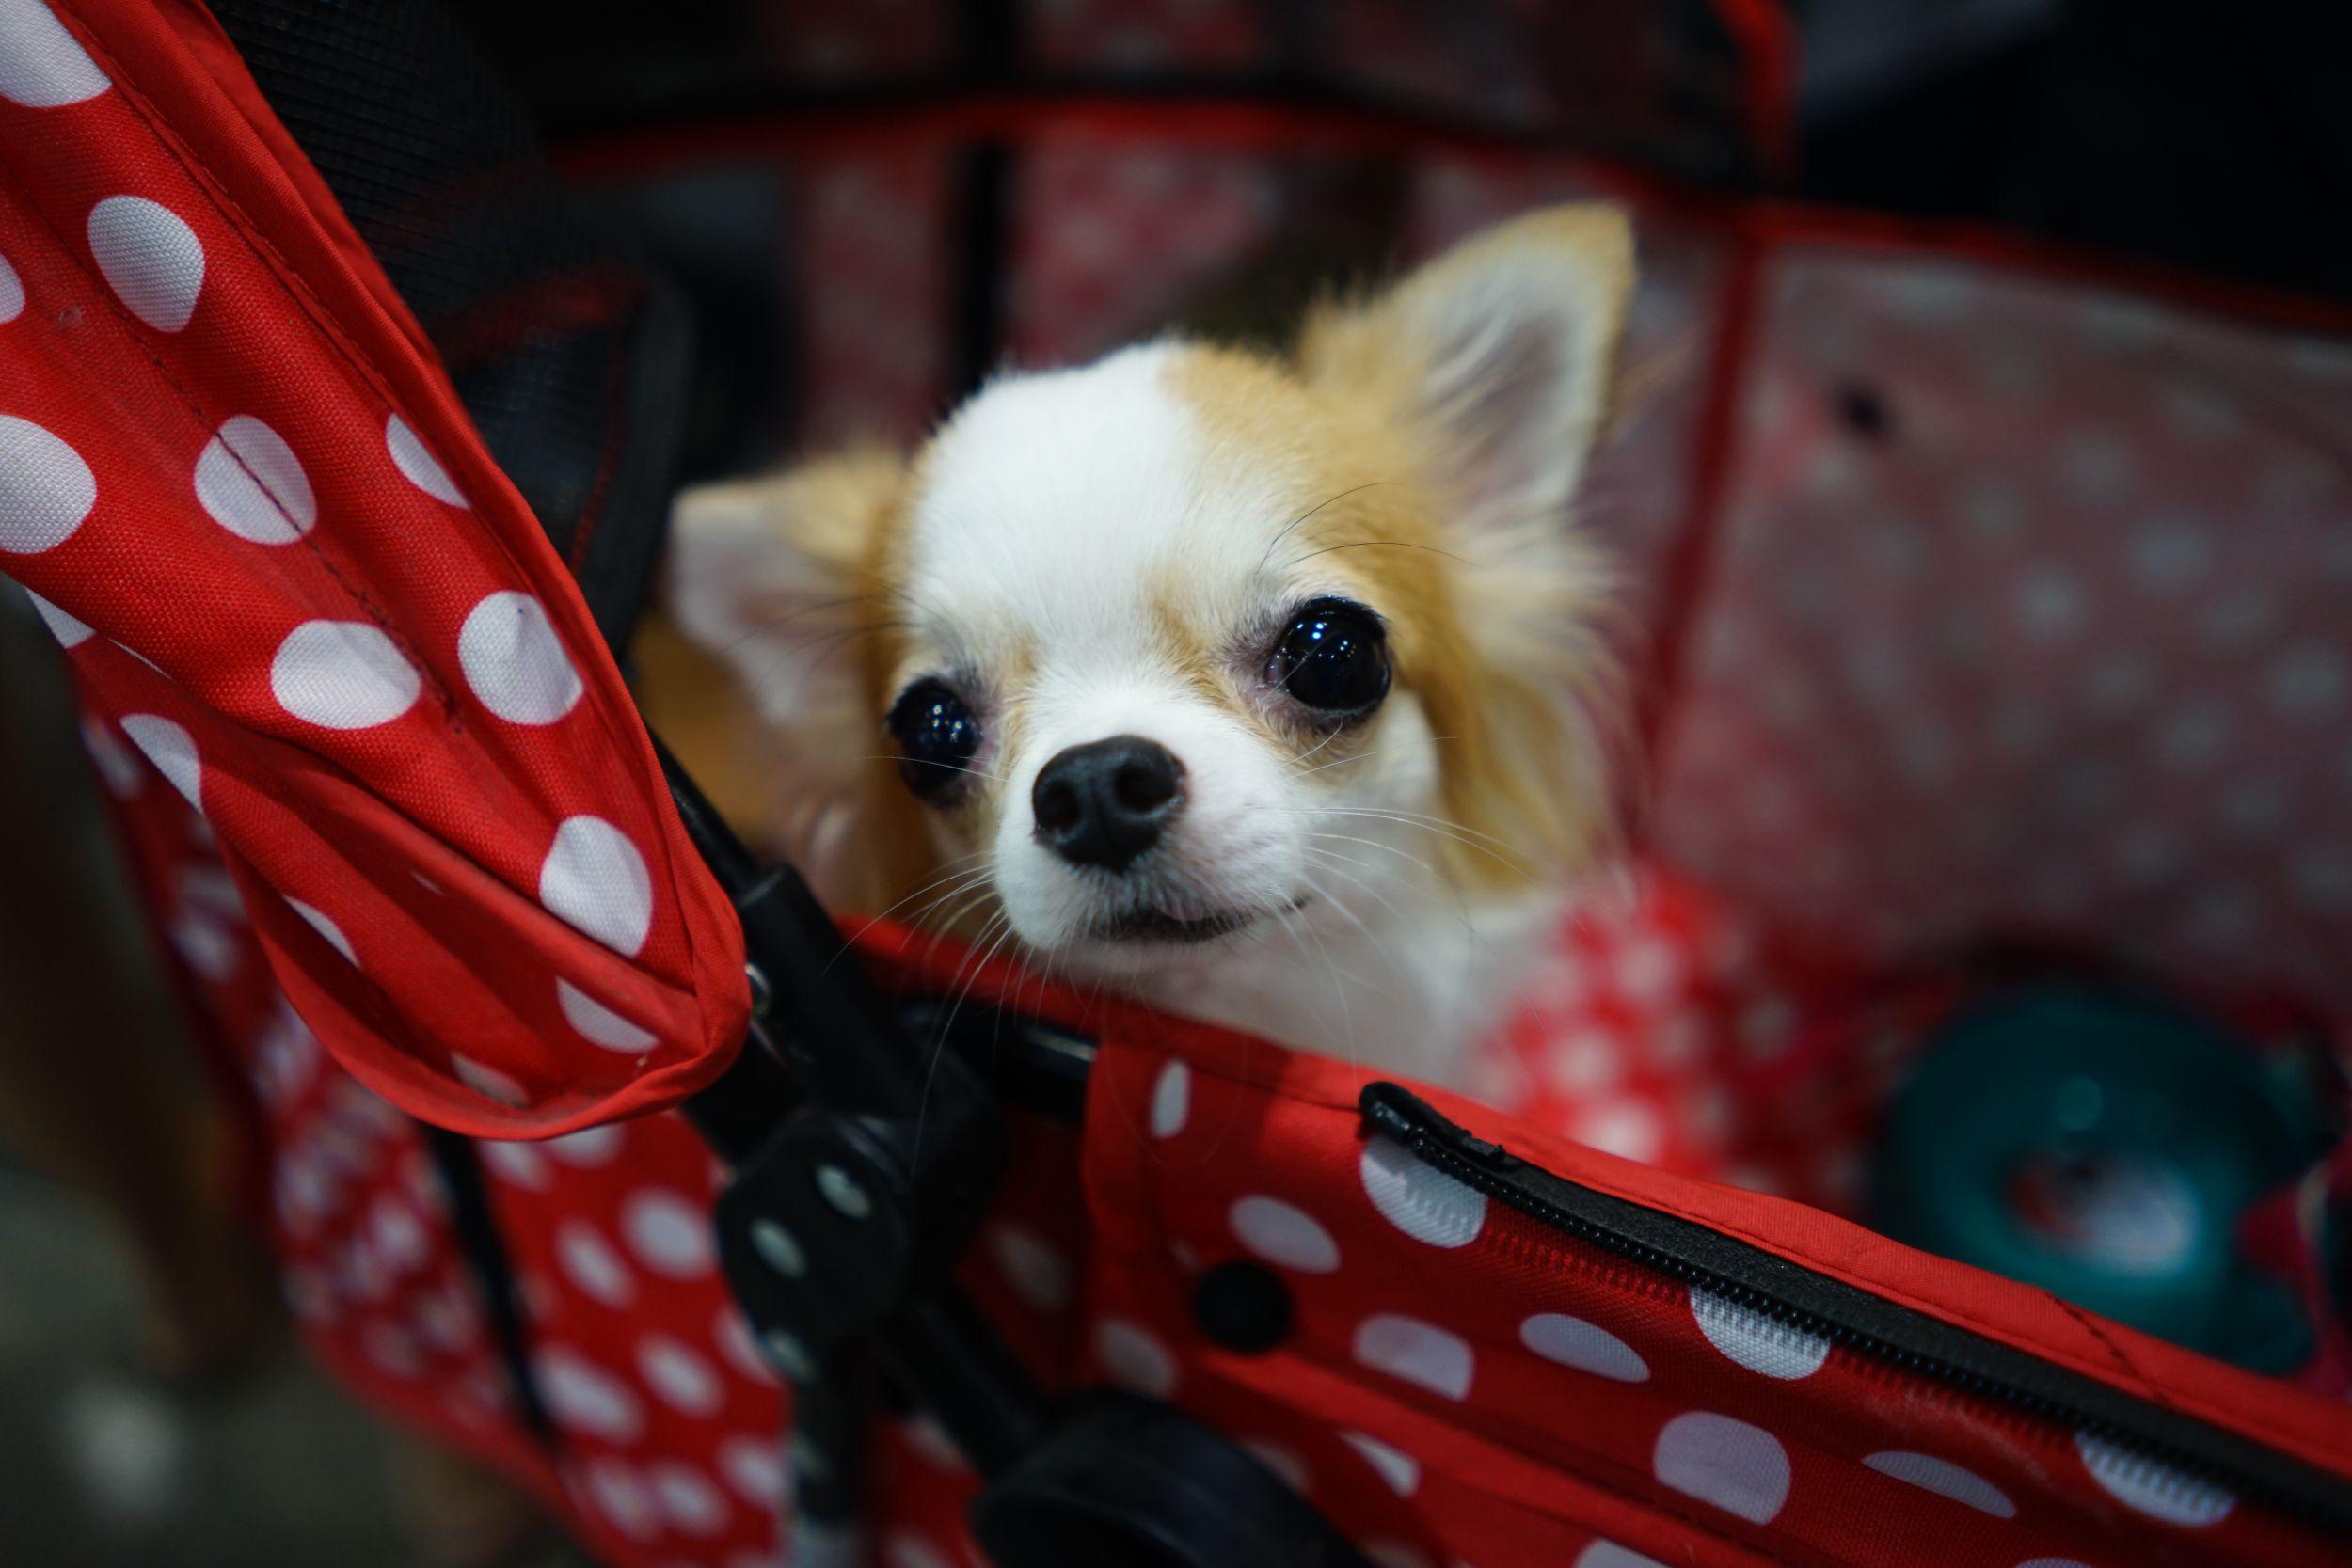 สุนัขชิวาวาตาแป๋วสีขาวลายน้ำตาลโผล่หัวออกมาจากรถเข็น